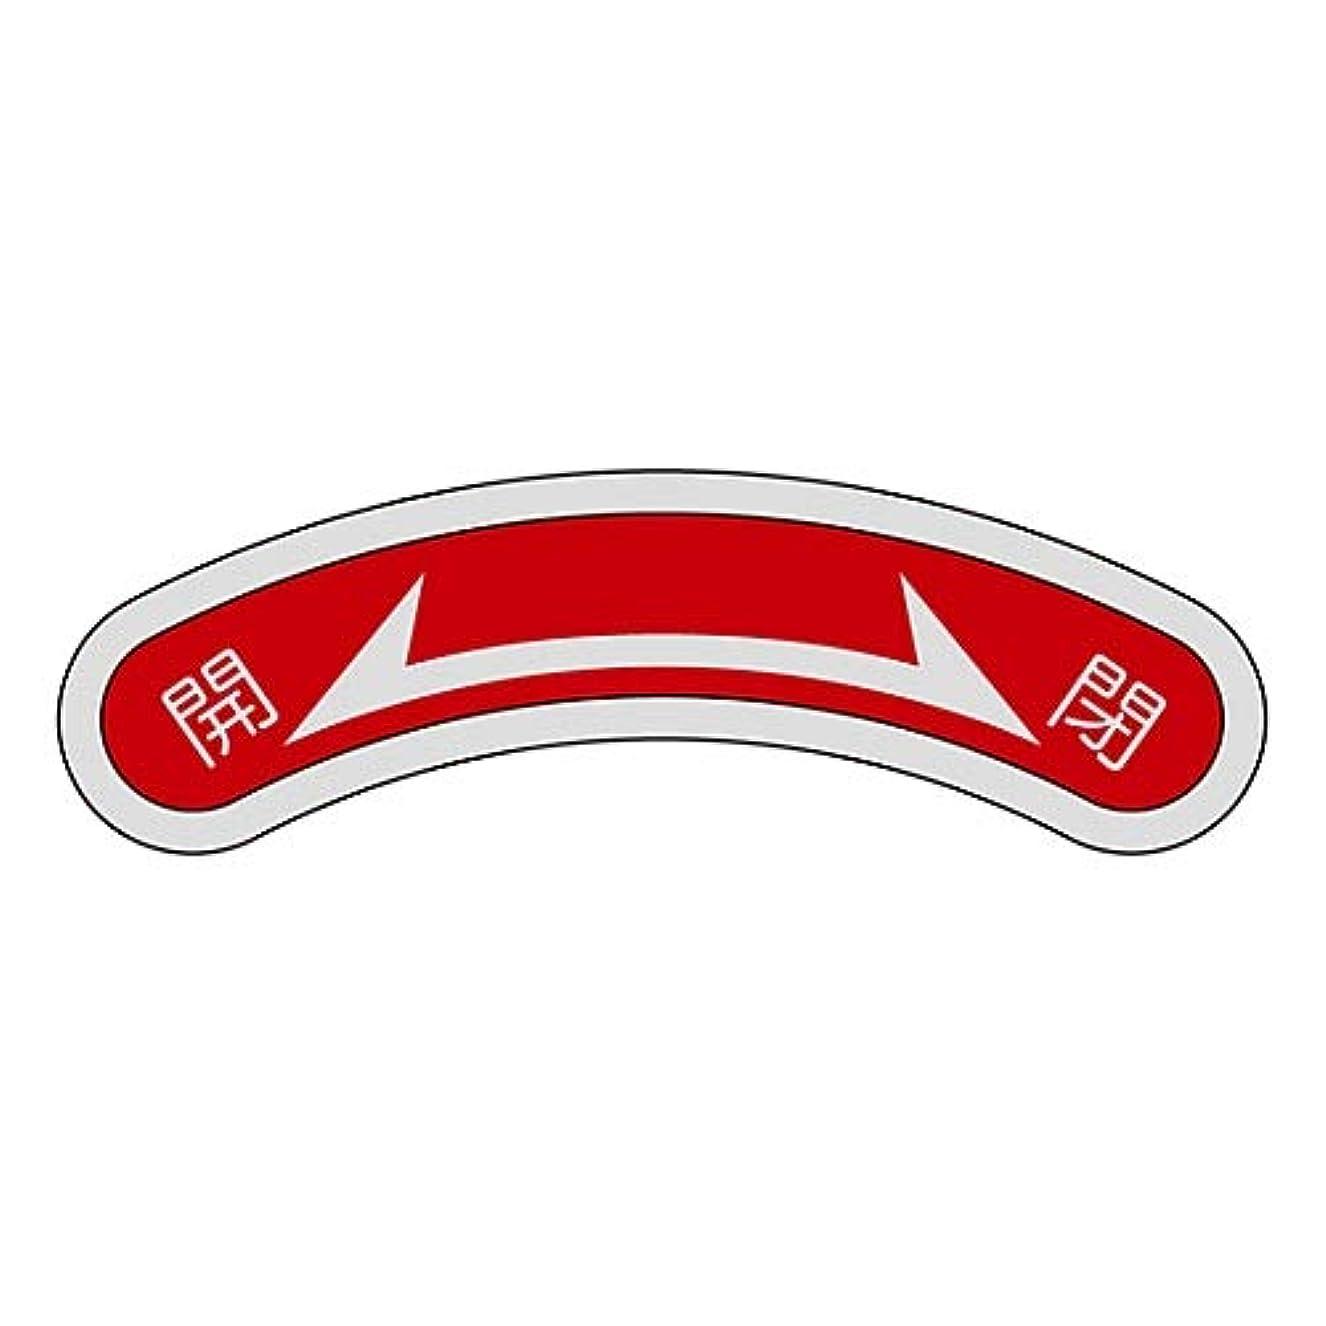 ベンチドラゴンフットボール機器銘板 「開/閉」 機器106/61-3384-44